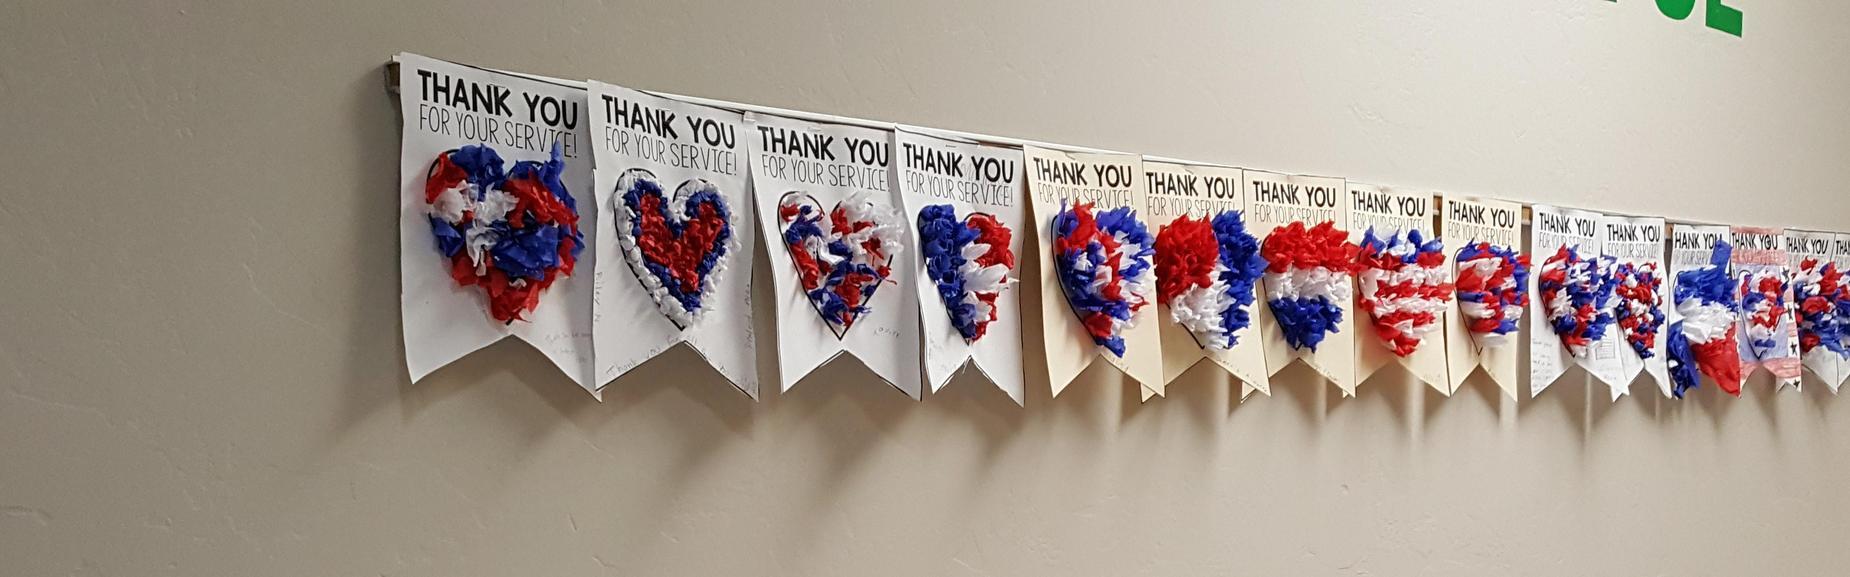 Banner Thanking Veterans